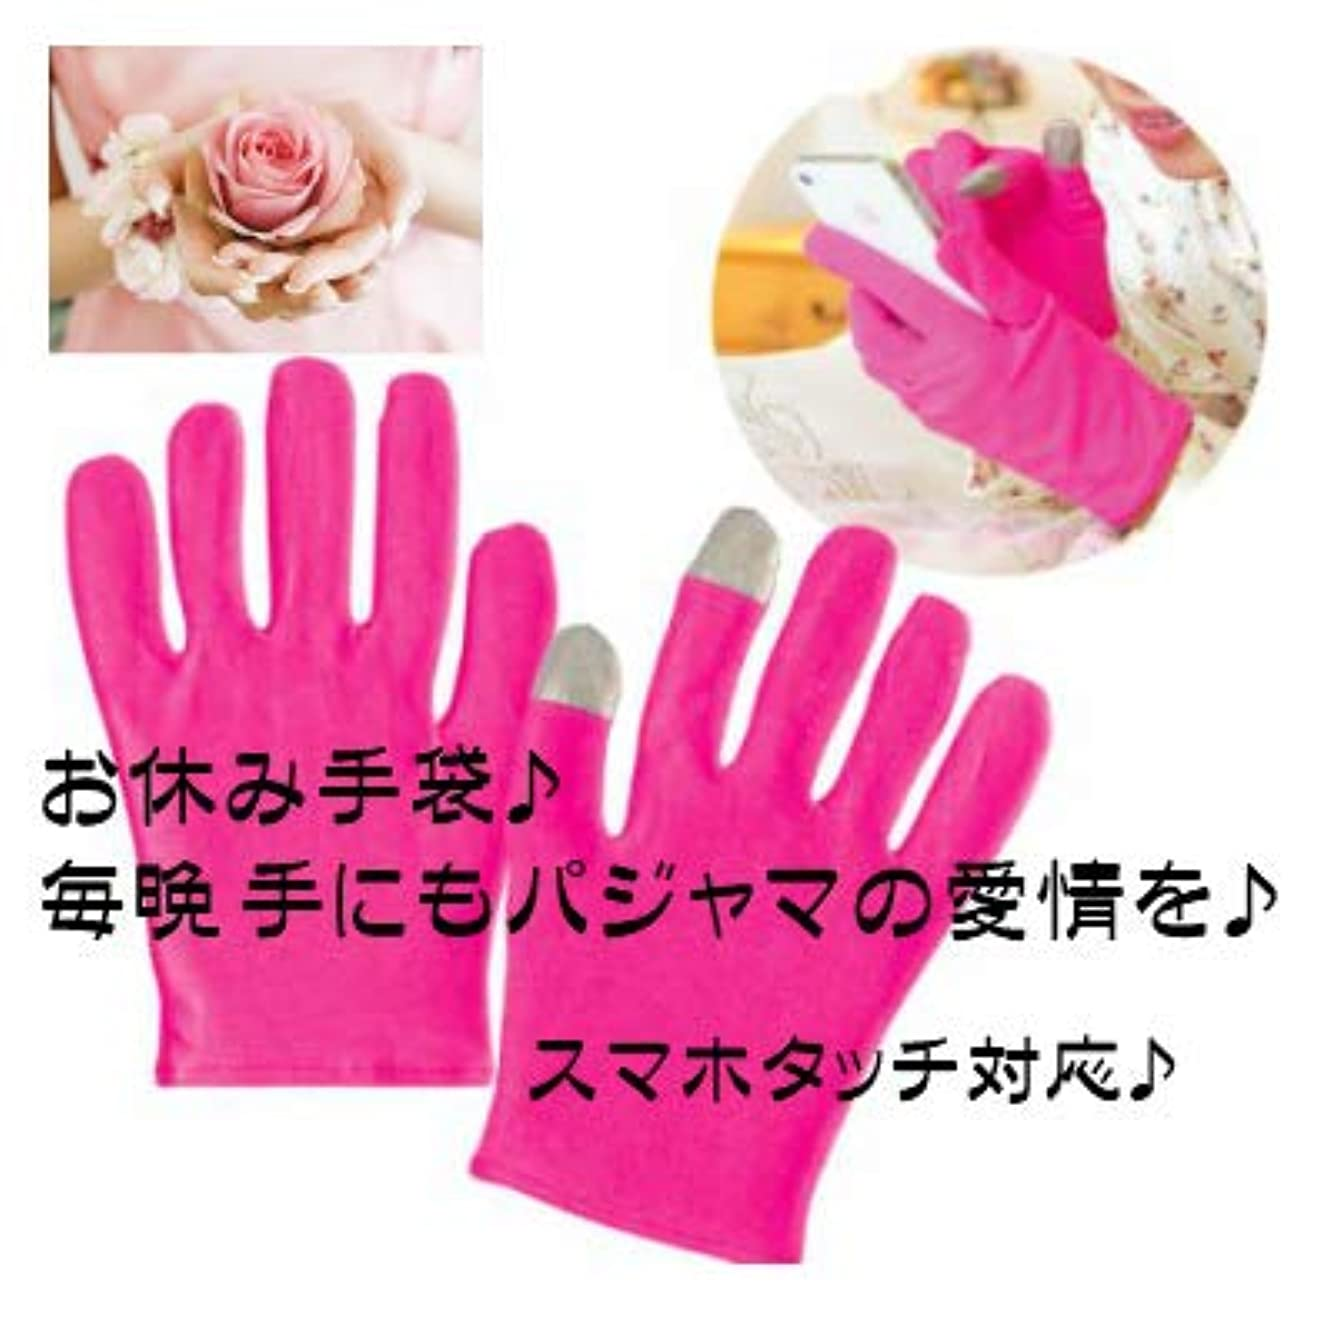 武器習熟度盗難●美容ハンドケア手袋 就寝手袋 スマホタッチ対応 おやすみ手袋保湿手袋ネイルケア